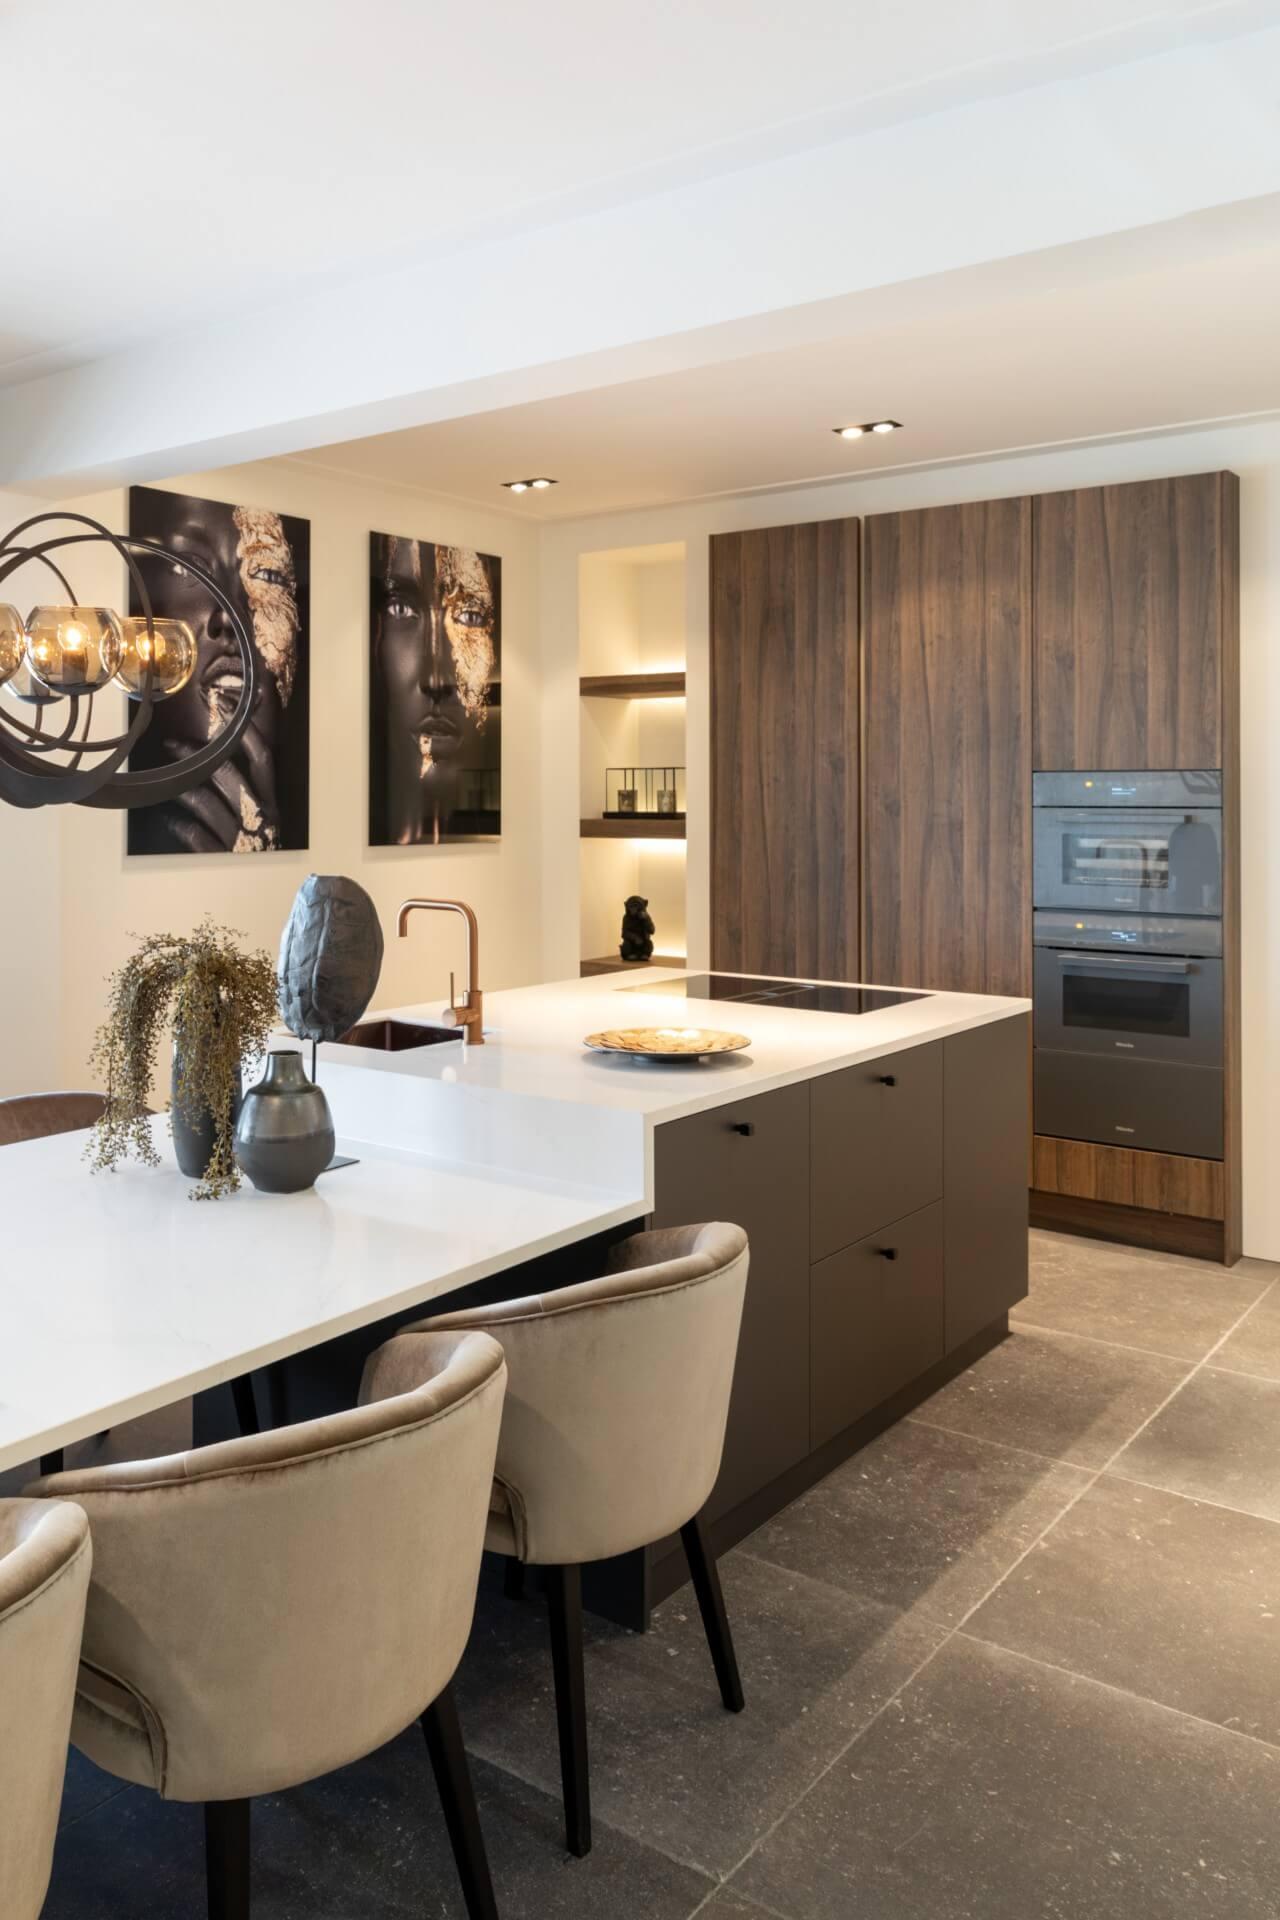 Moderne keuken met miele apparatuur 2